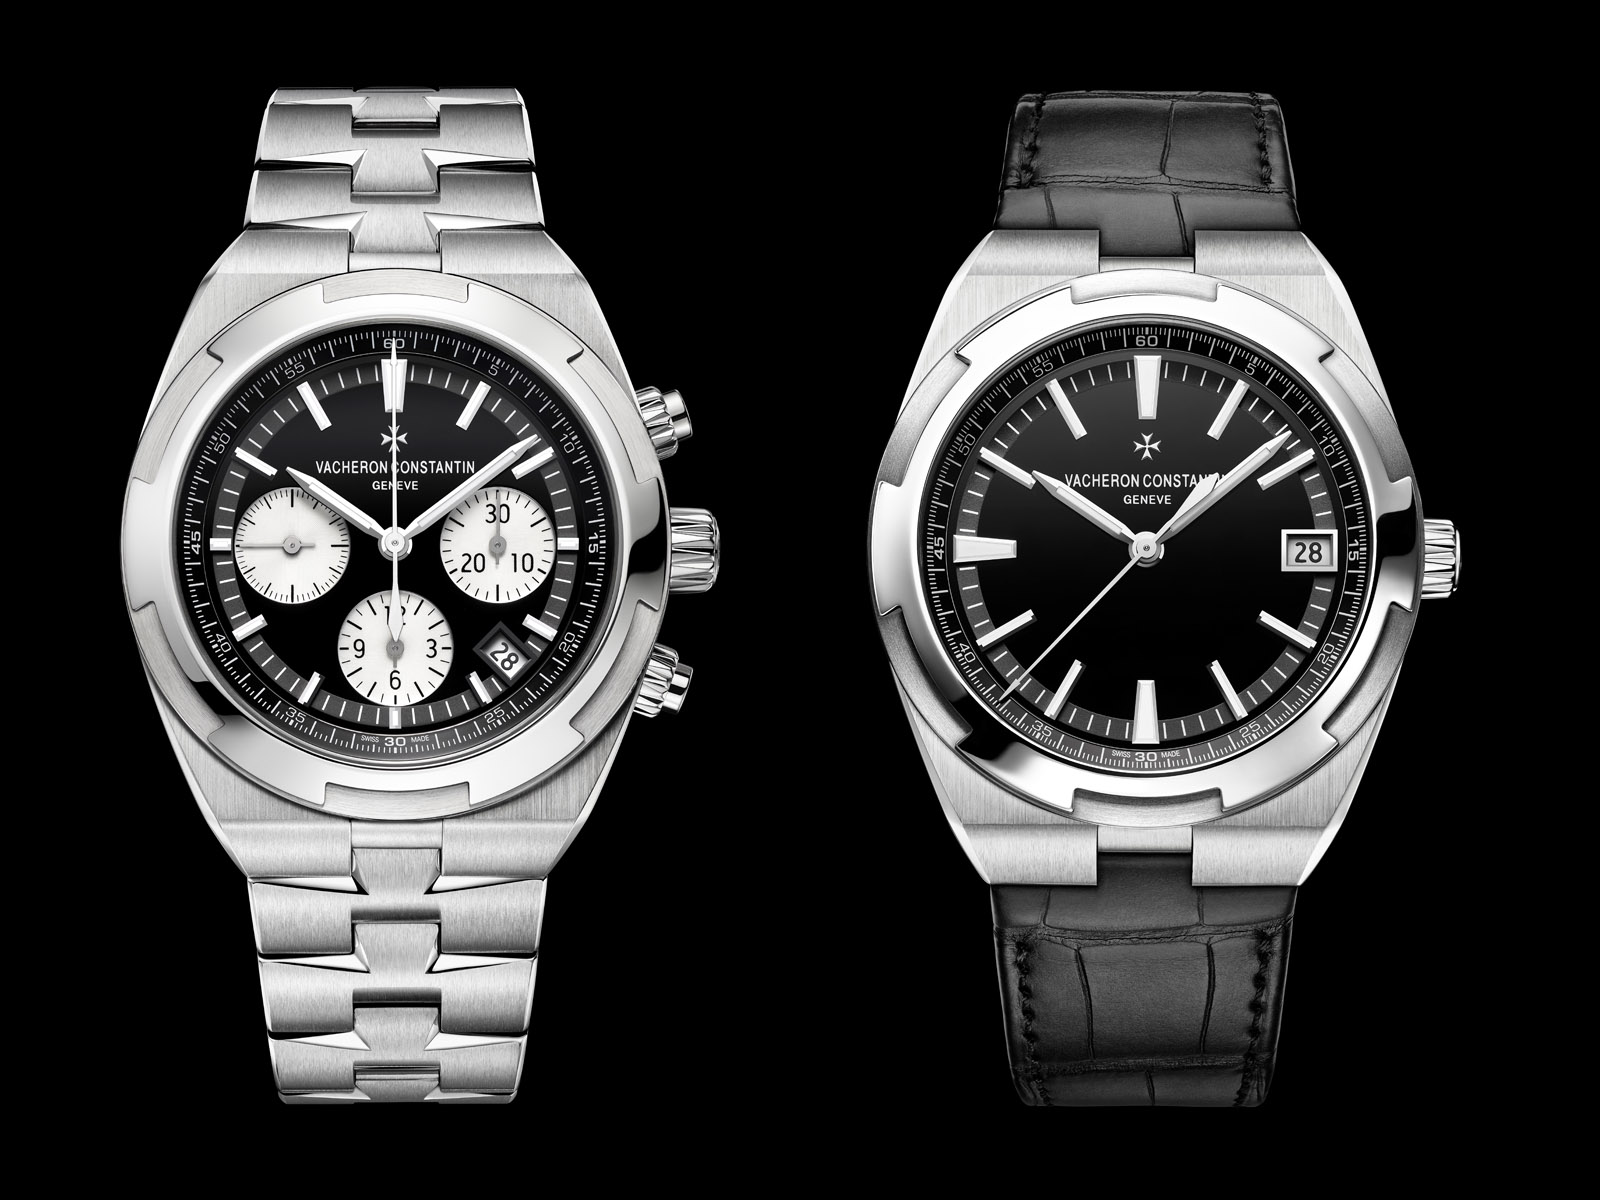 Vacheron Constantin Overseas Chronograph & Self-winding - Black dials